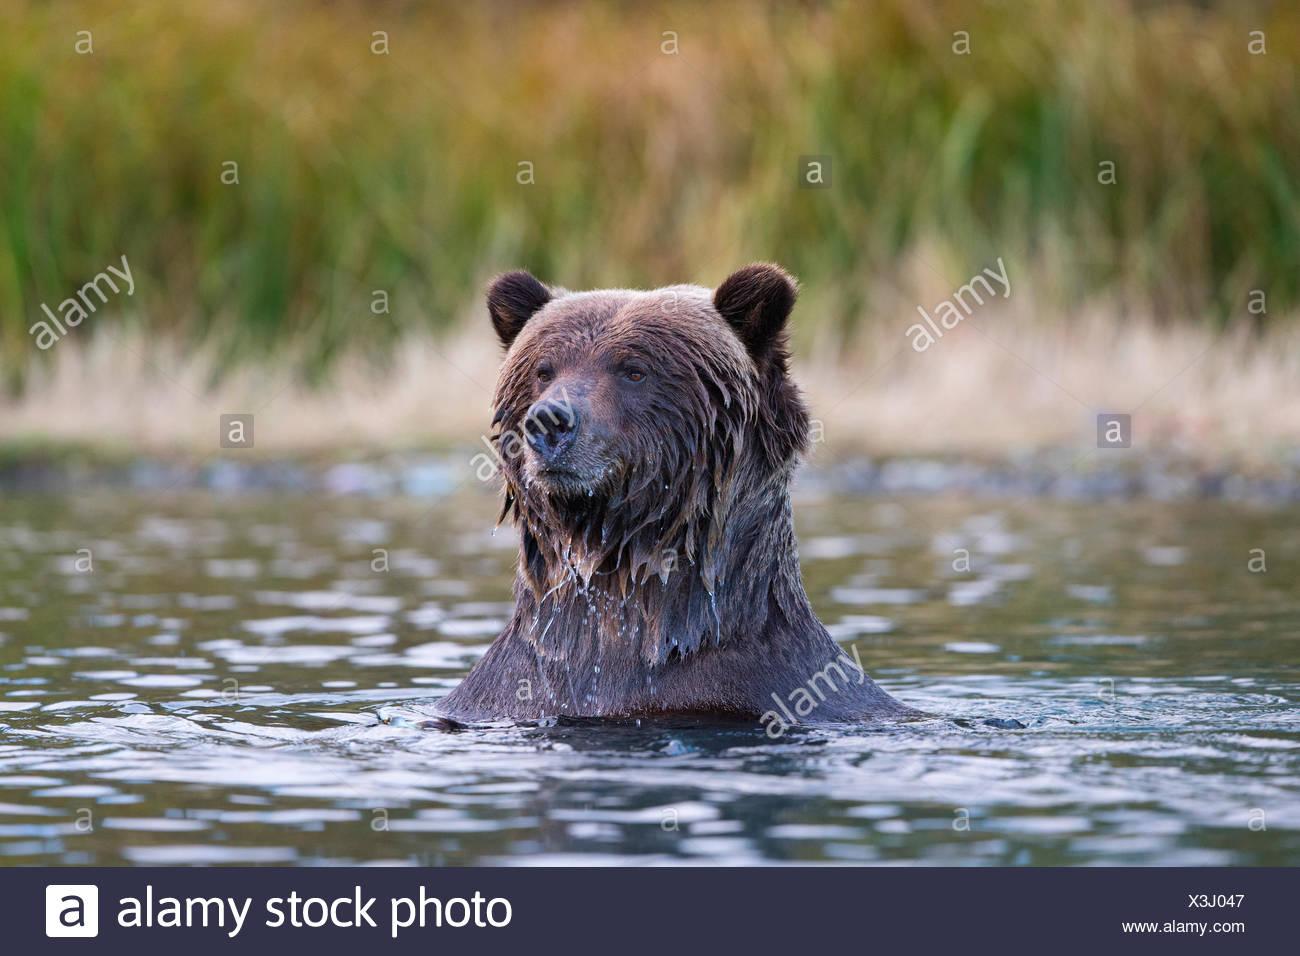 Grizzly bear (Ursus arctos horribilis), Central Interior, British Columbia. - Stock Image